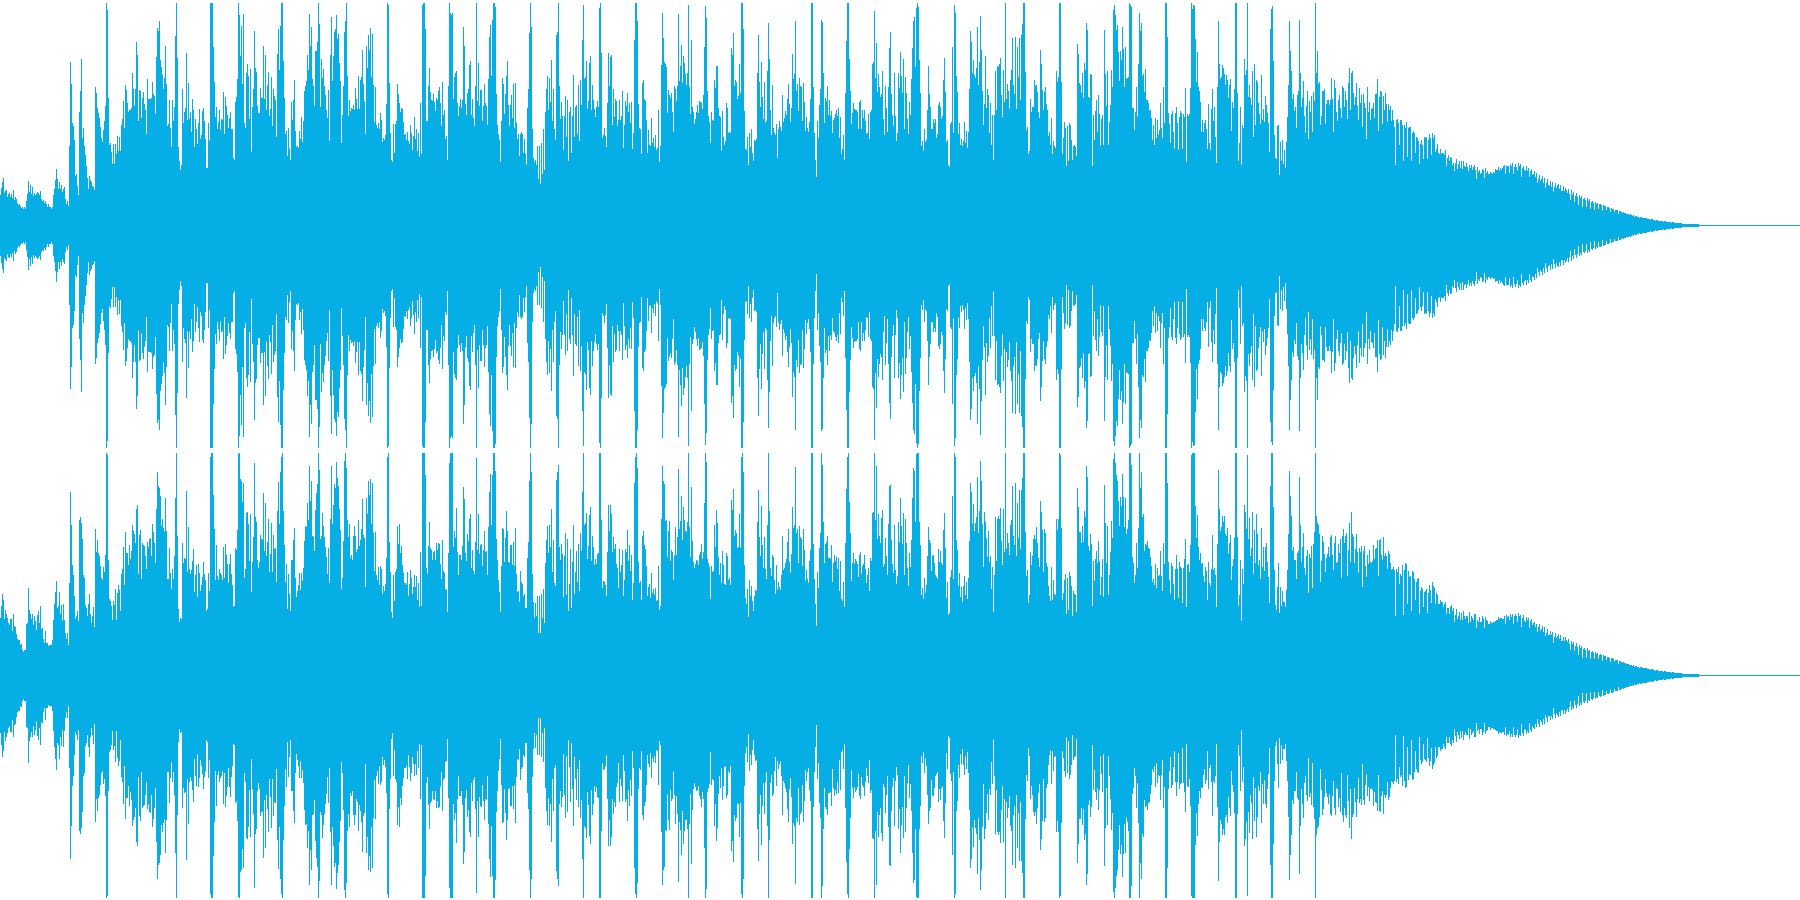 古典的で軽快なロックンロールの再生済みの波形